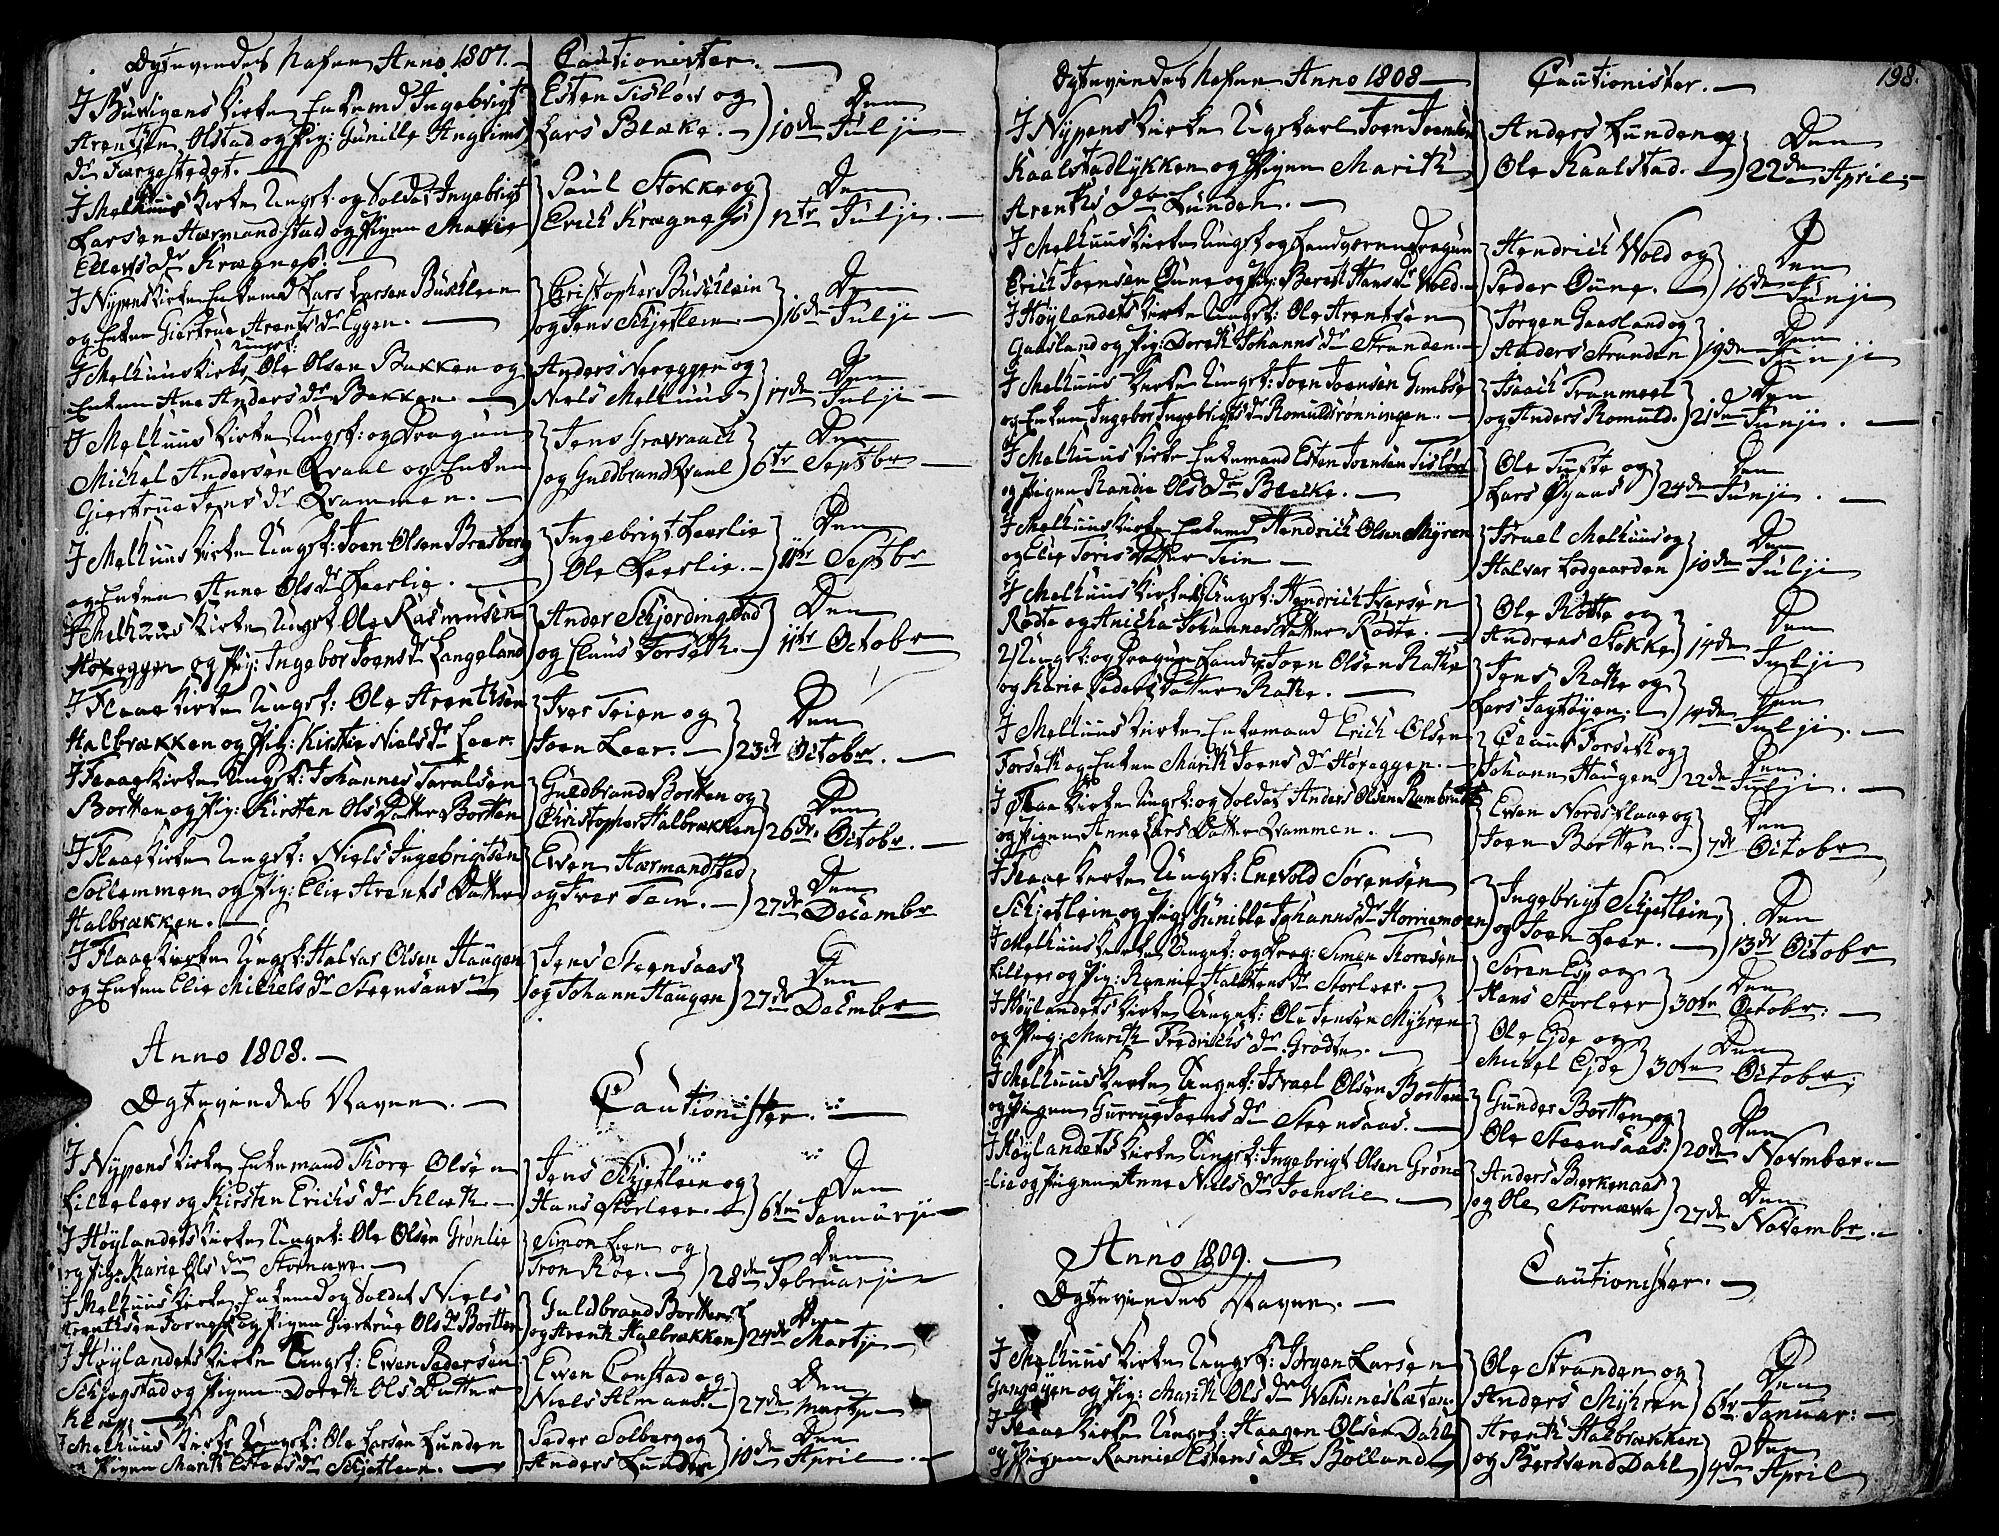 SAT, Ministerialprotokoller, klokkerbøker og fødselsregistre - Sør-Trøndelag, 691/L1061: Ministerialbok nr. 691A02 /1, 1768-1815, s. 198